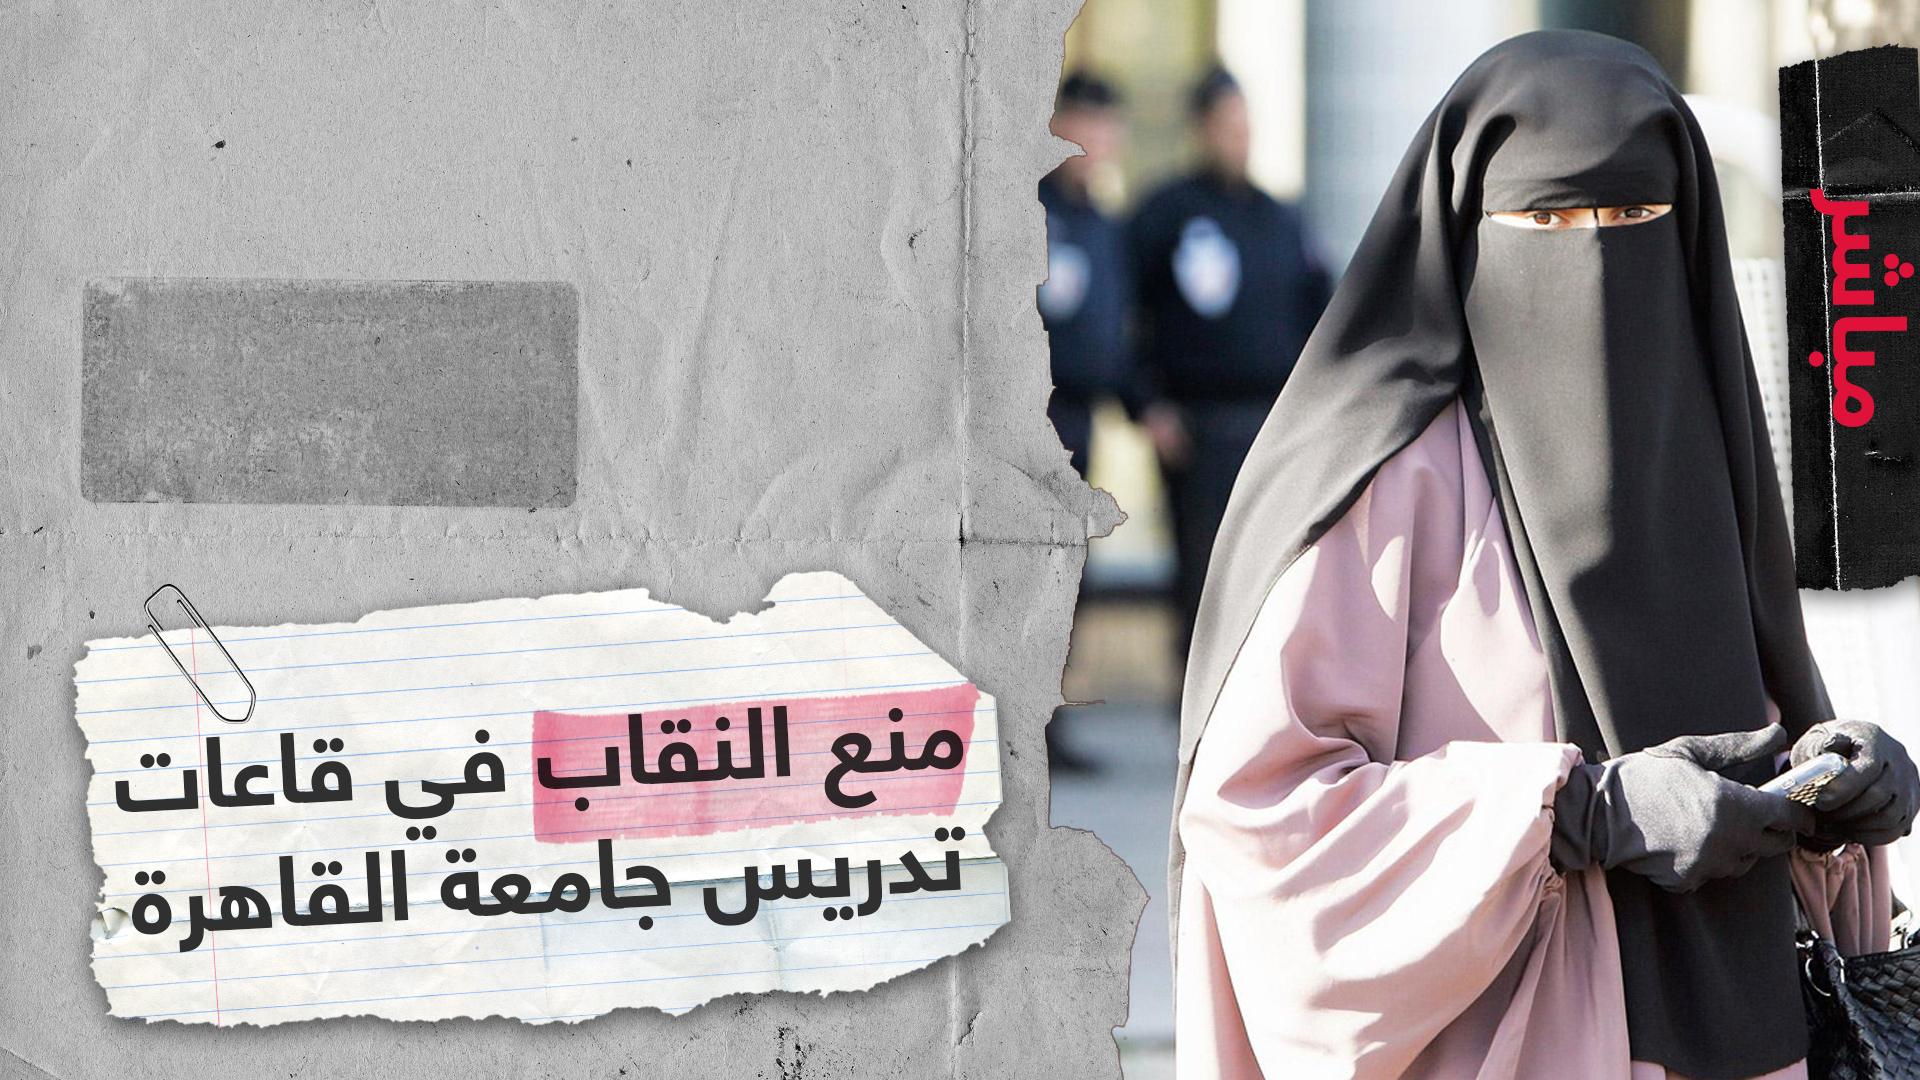 منع النقاب في قاعات تدريس جامعة القاهرة